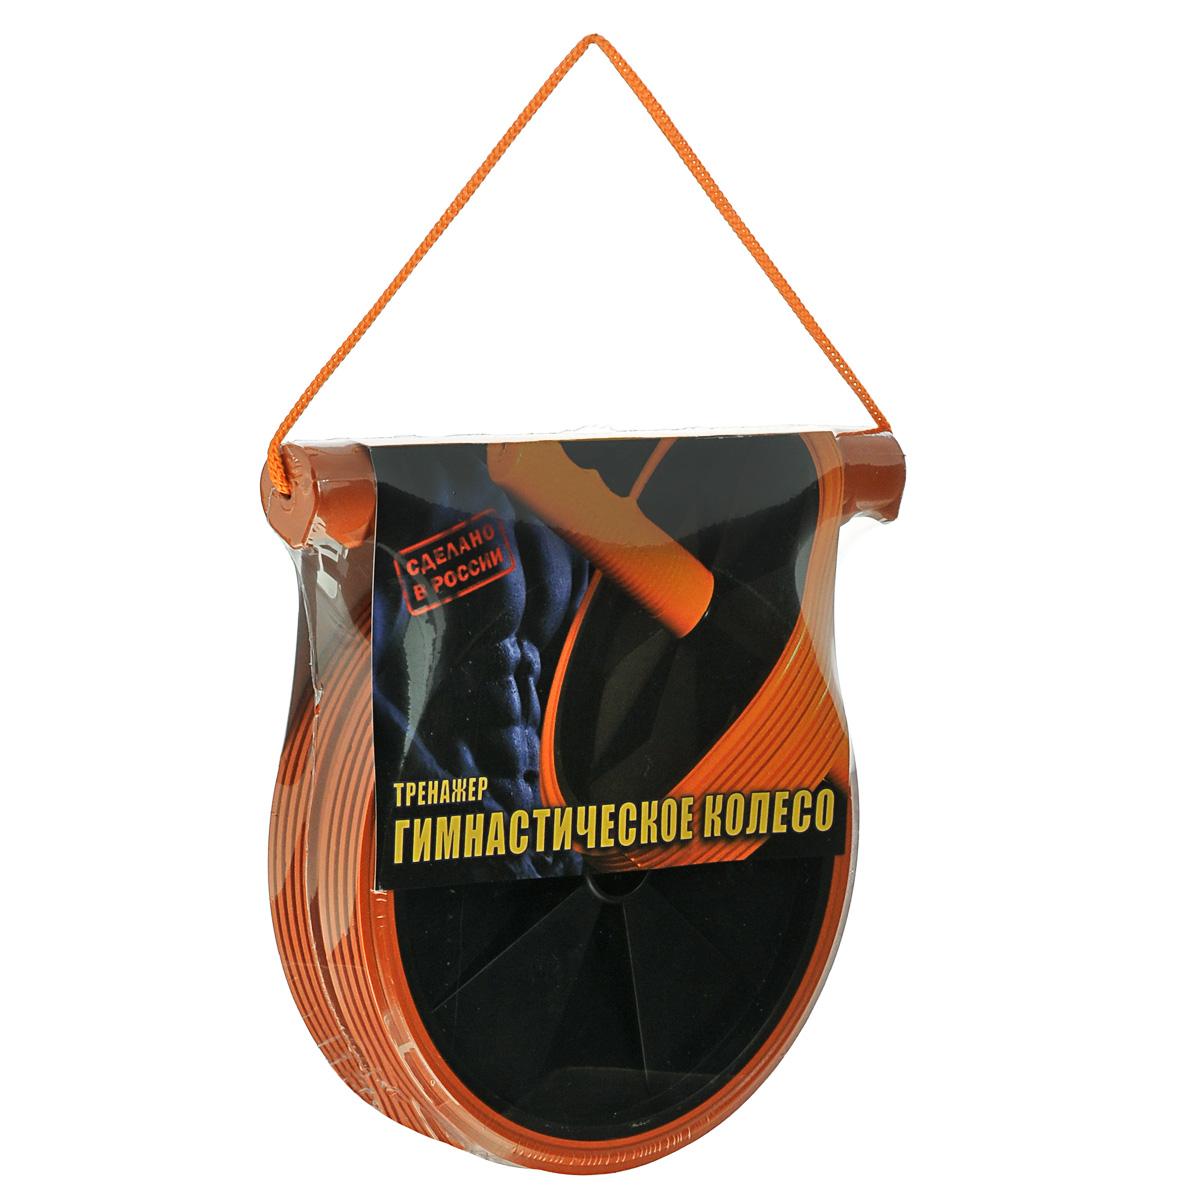 Ролик гимнастический Варяг, двойной, цвет: оранжевый, черныйES-0104Гимнастический ролик Варяг представляет собой два пластиковых колеса, надетых на металлический стержень с ручками, предназначен для индивидуальных занятий физкультурой и фитнесом. Тренировки с гимнастическим роликом повышают тонус мышц брюшного пресса, рук, ног, бедер и плеч, а также значительно улучшают рельеф и форму живота. При сборке для облегчения снятия резиновой части ручки нужно немного нагреть её, например паром из чайника или горячей водой. Гимнастический ролик Варяг поможет поддерживать ваше тело в хорошей физической форме, развивать гибкость, выносливость и избавиться от лишнего веса. Диаметр ролика: 18 см. Длина ручки: 22 см. Толщина ролика: 4,5 см.